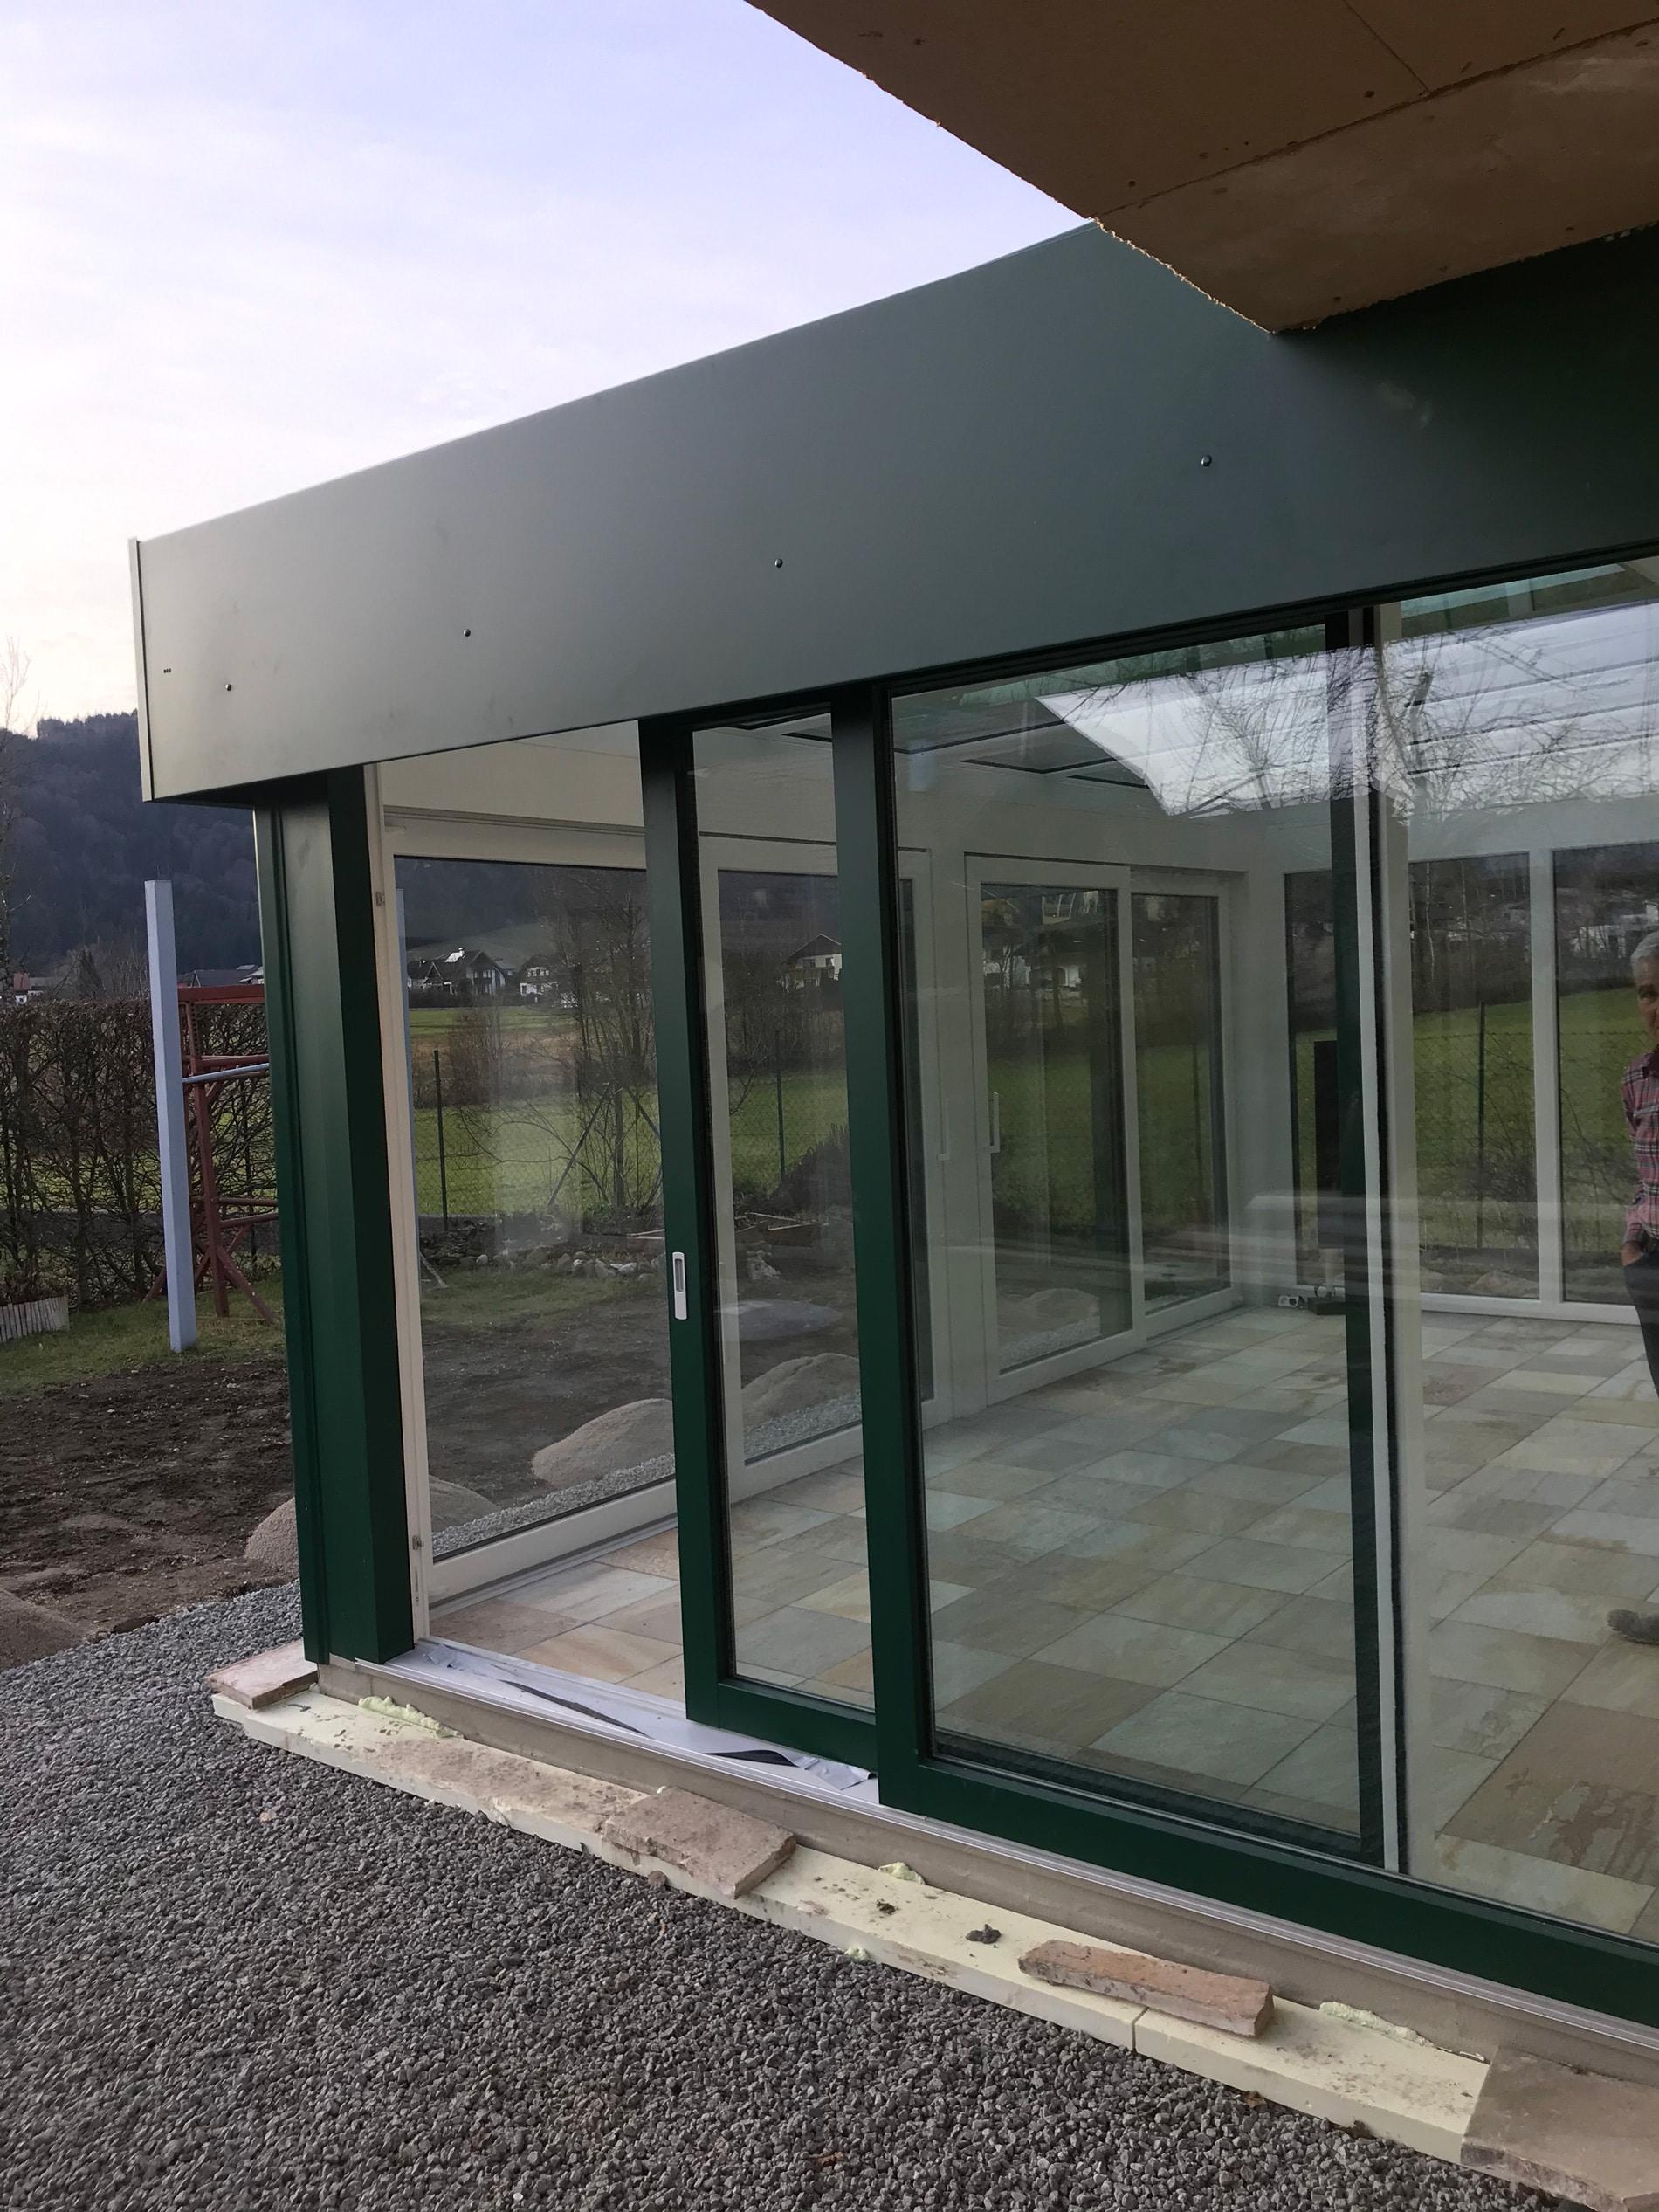 Neuen Wintergarten am Mondsee in Oberösterreich errichtet